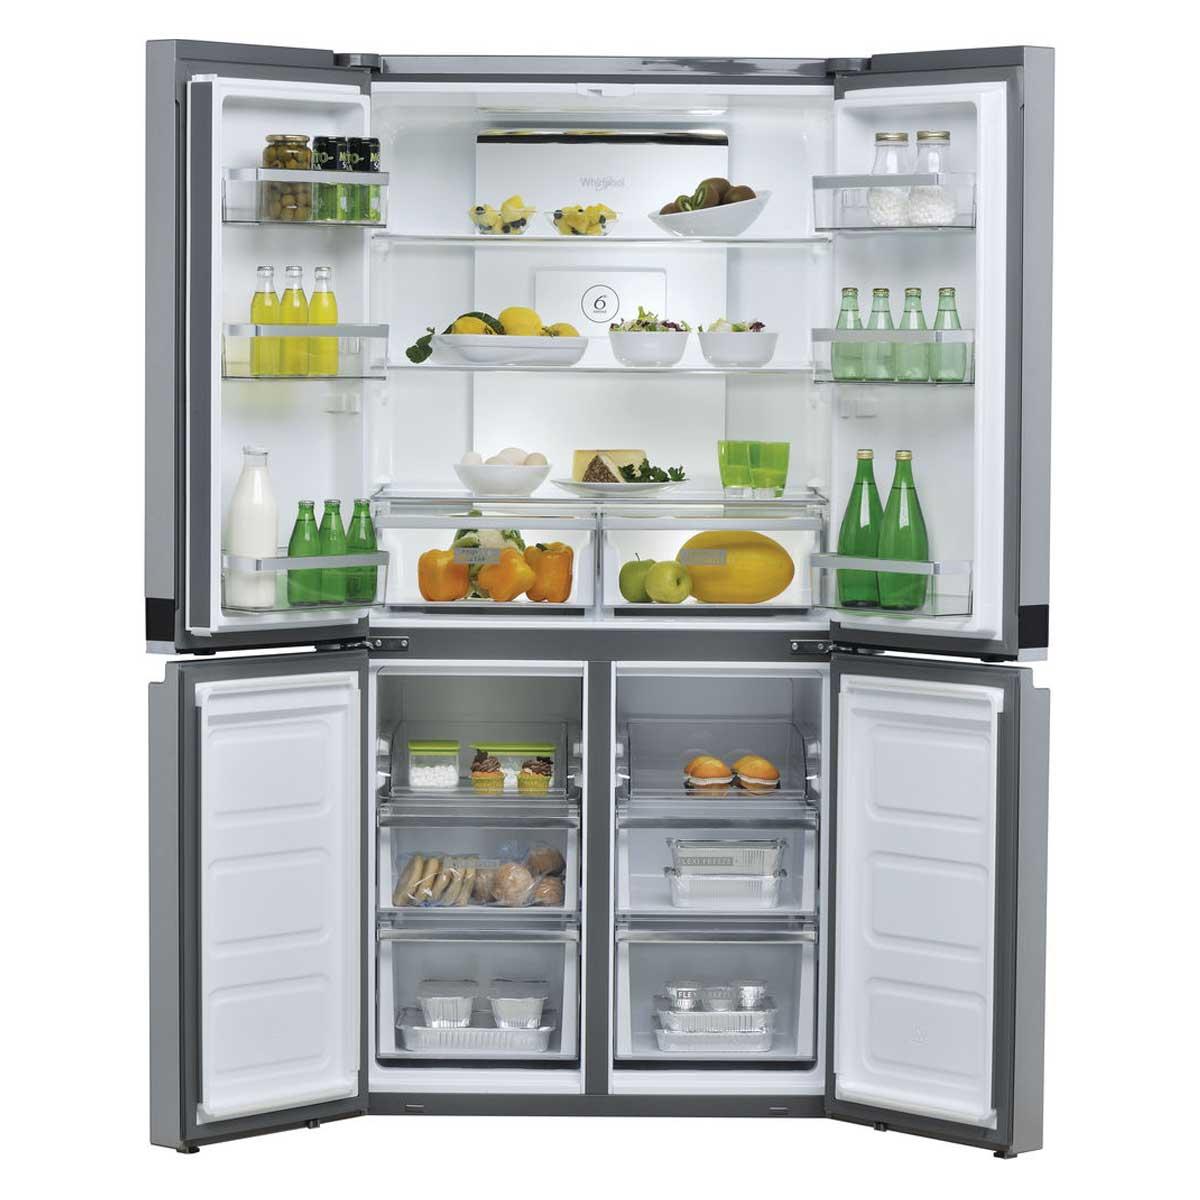 Frigorifero Americano Poco Profondo migliori frigoriferi side by side del 2020